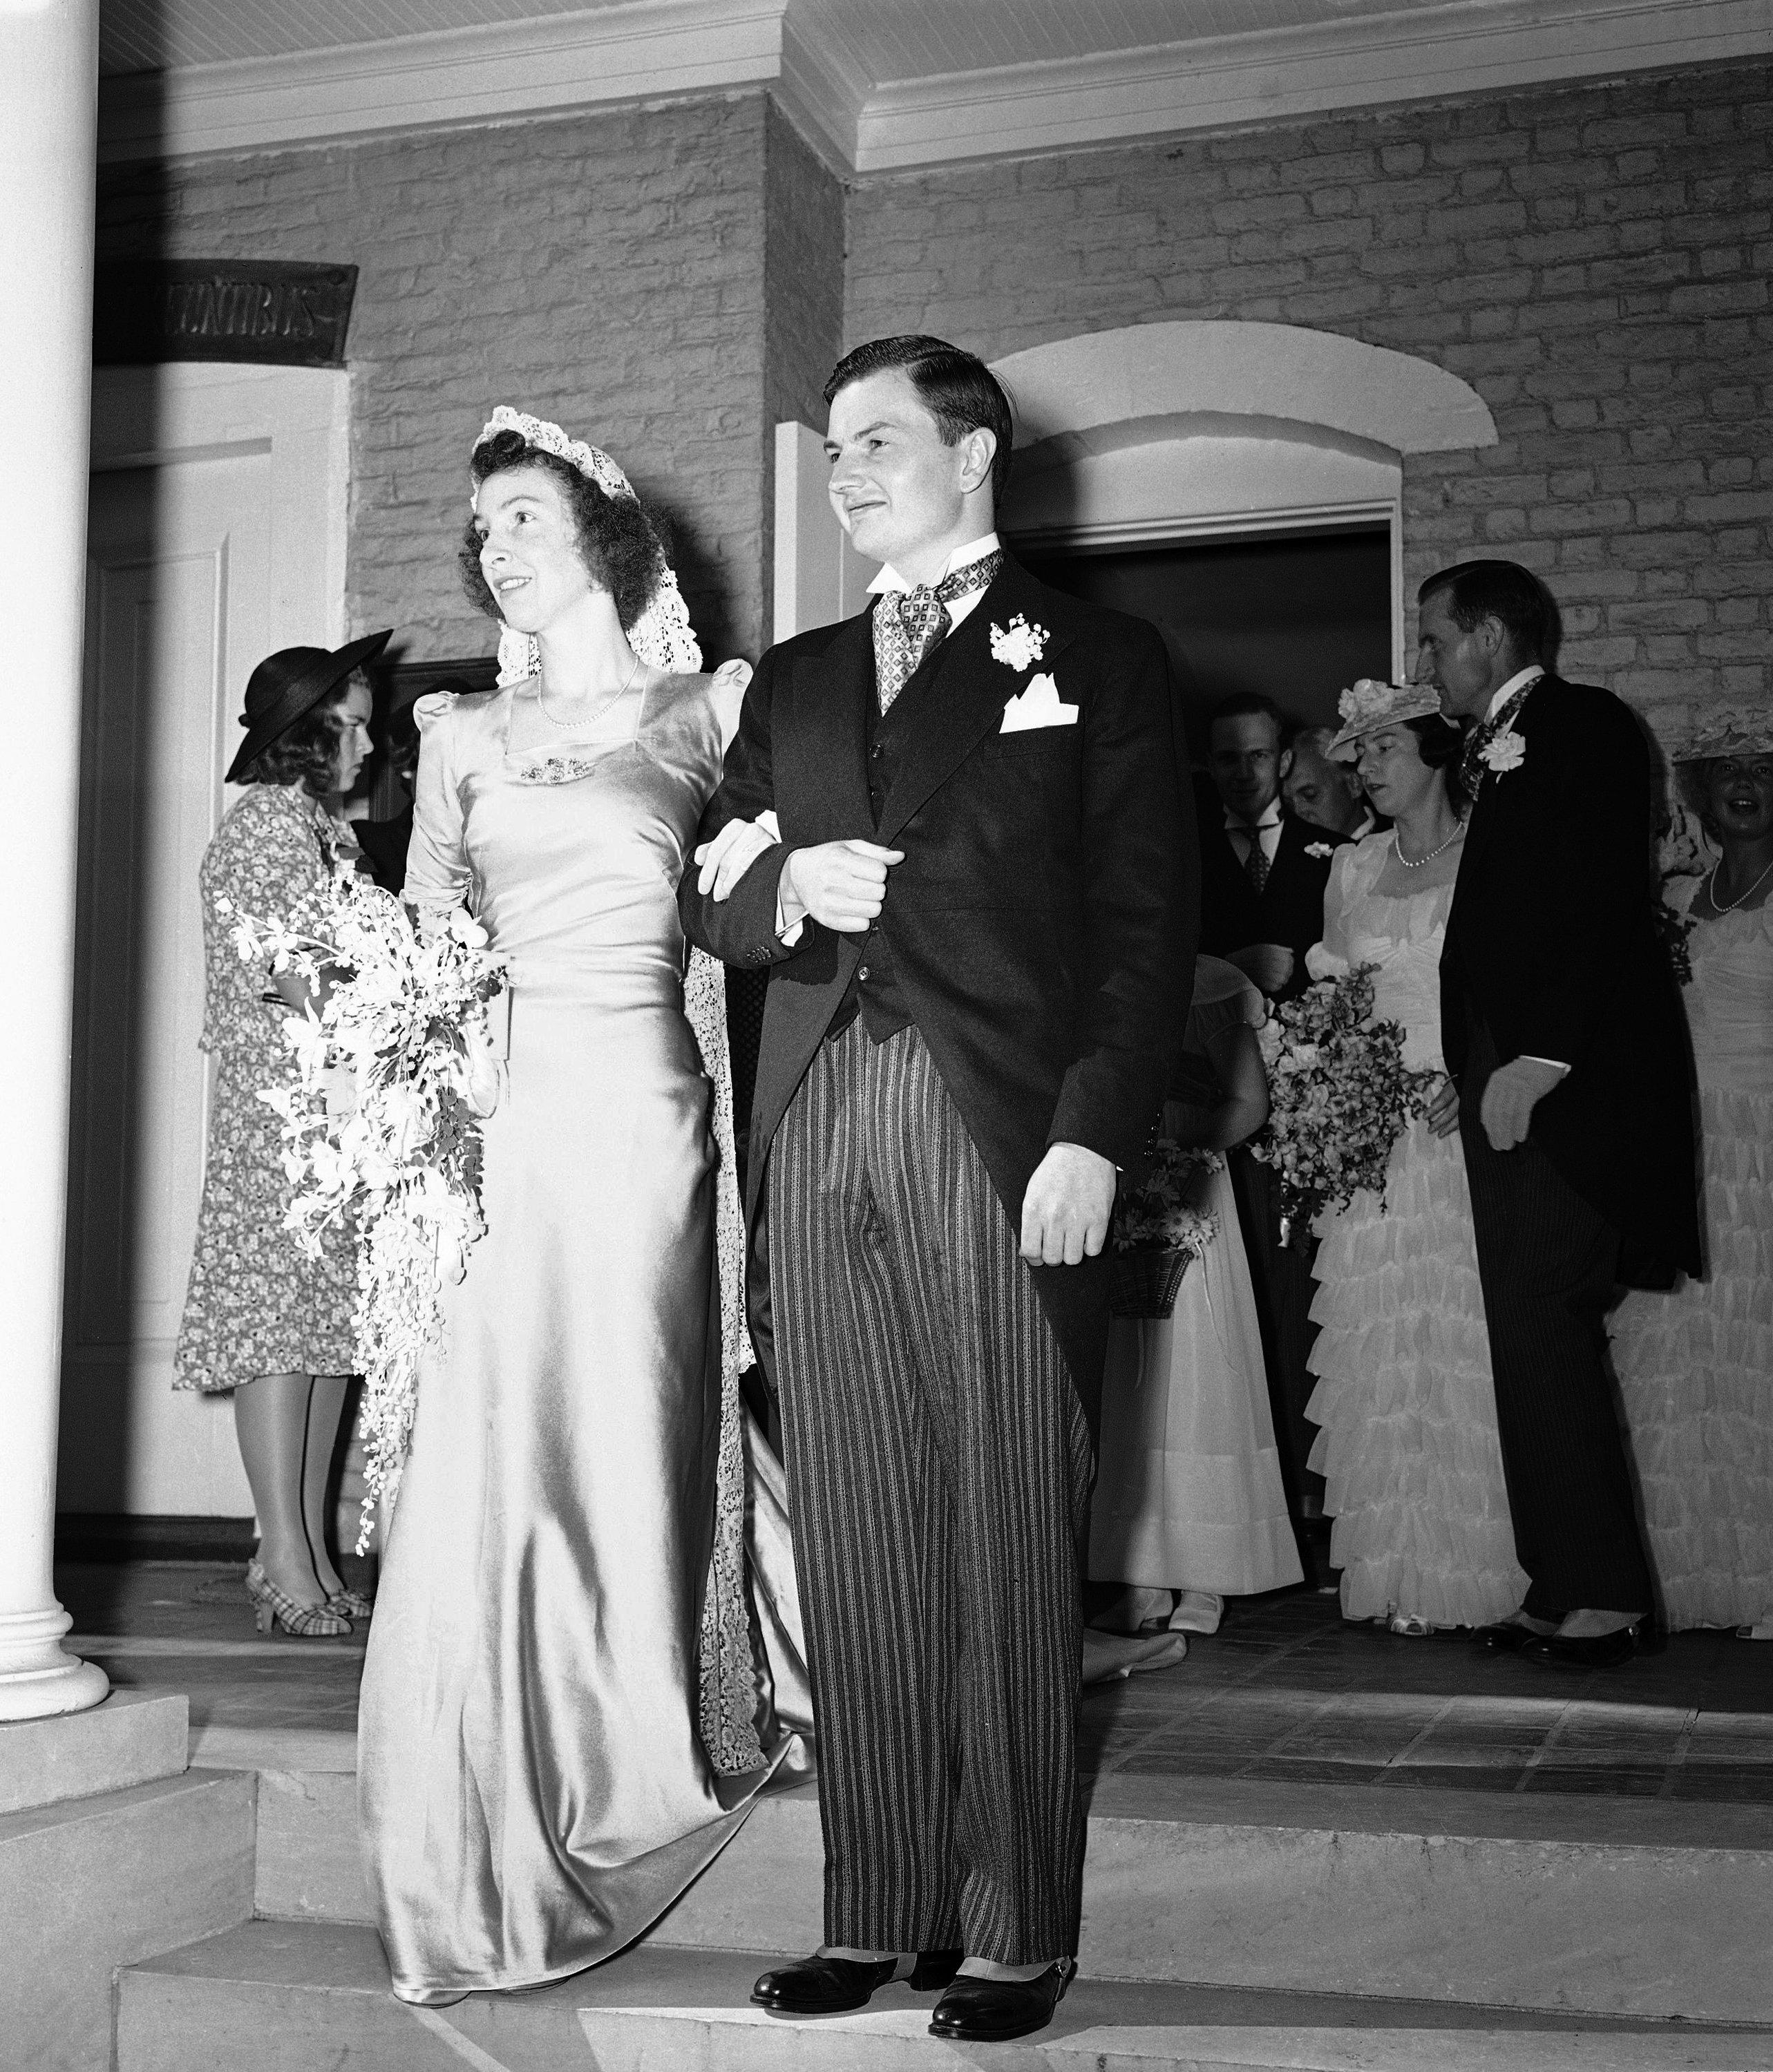 David Rockefeller y su novia, Margaret McGrath, en los escalones de la iglesia de St. Matthews en Bedford después de su boda